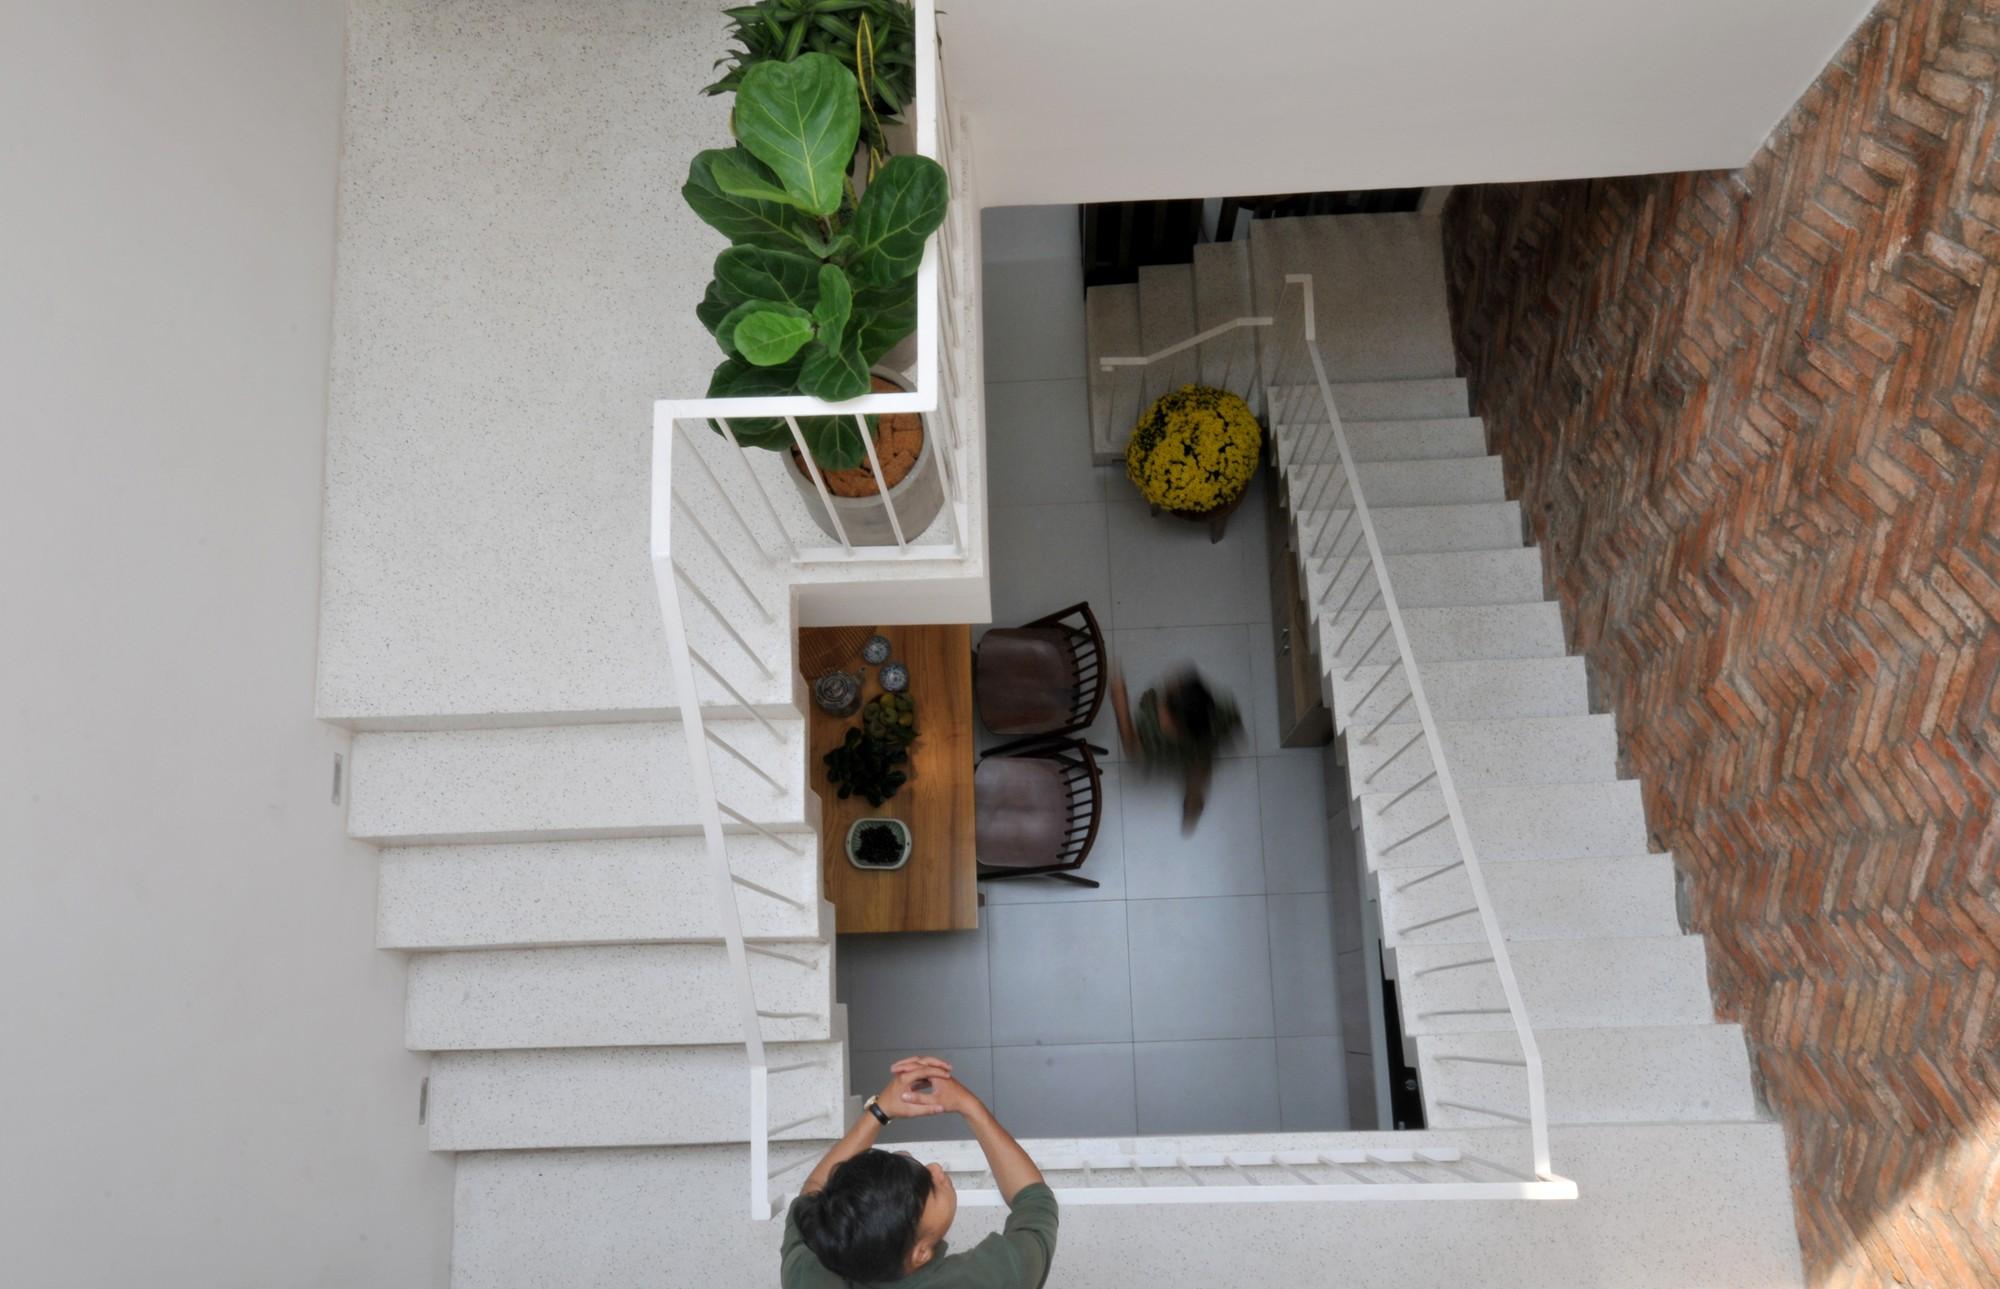 Câu chuyện về mảnh đất giá 10 ngàn rưỡi và ngôi nhà ống trong hẻm có thiết kế cực hợp lý ở Sài Gòn - Ảnh 6.